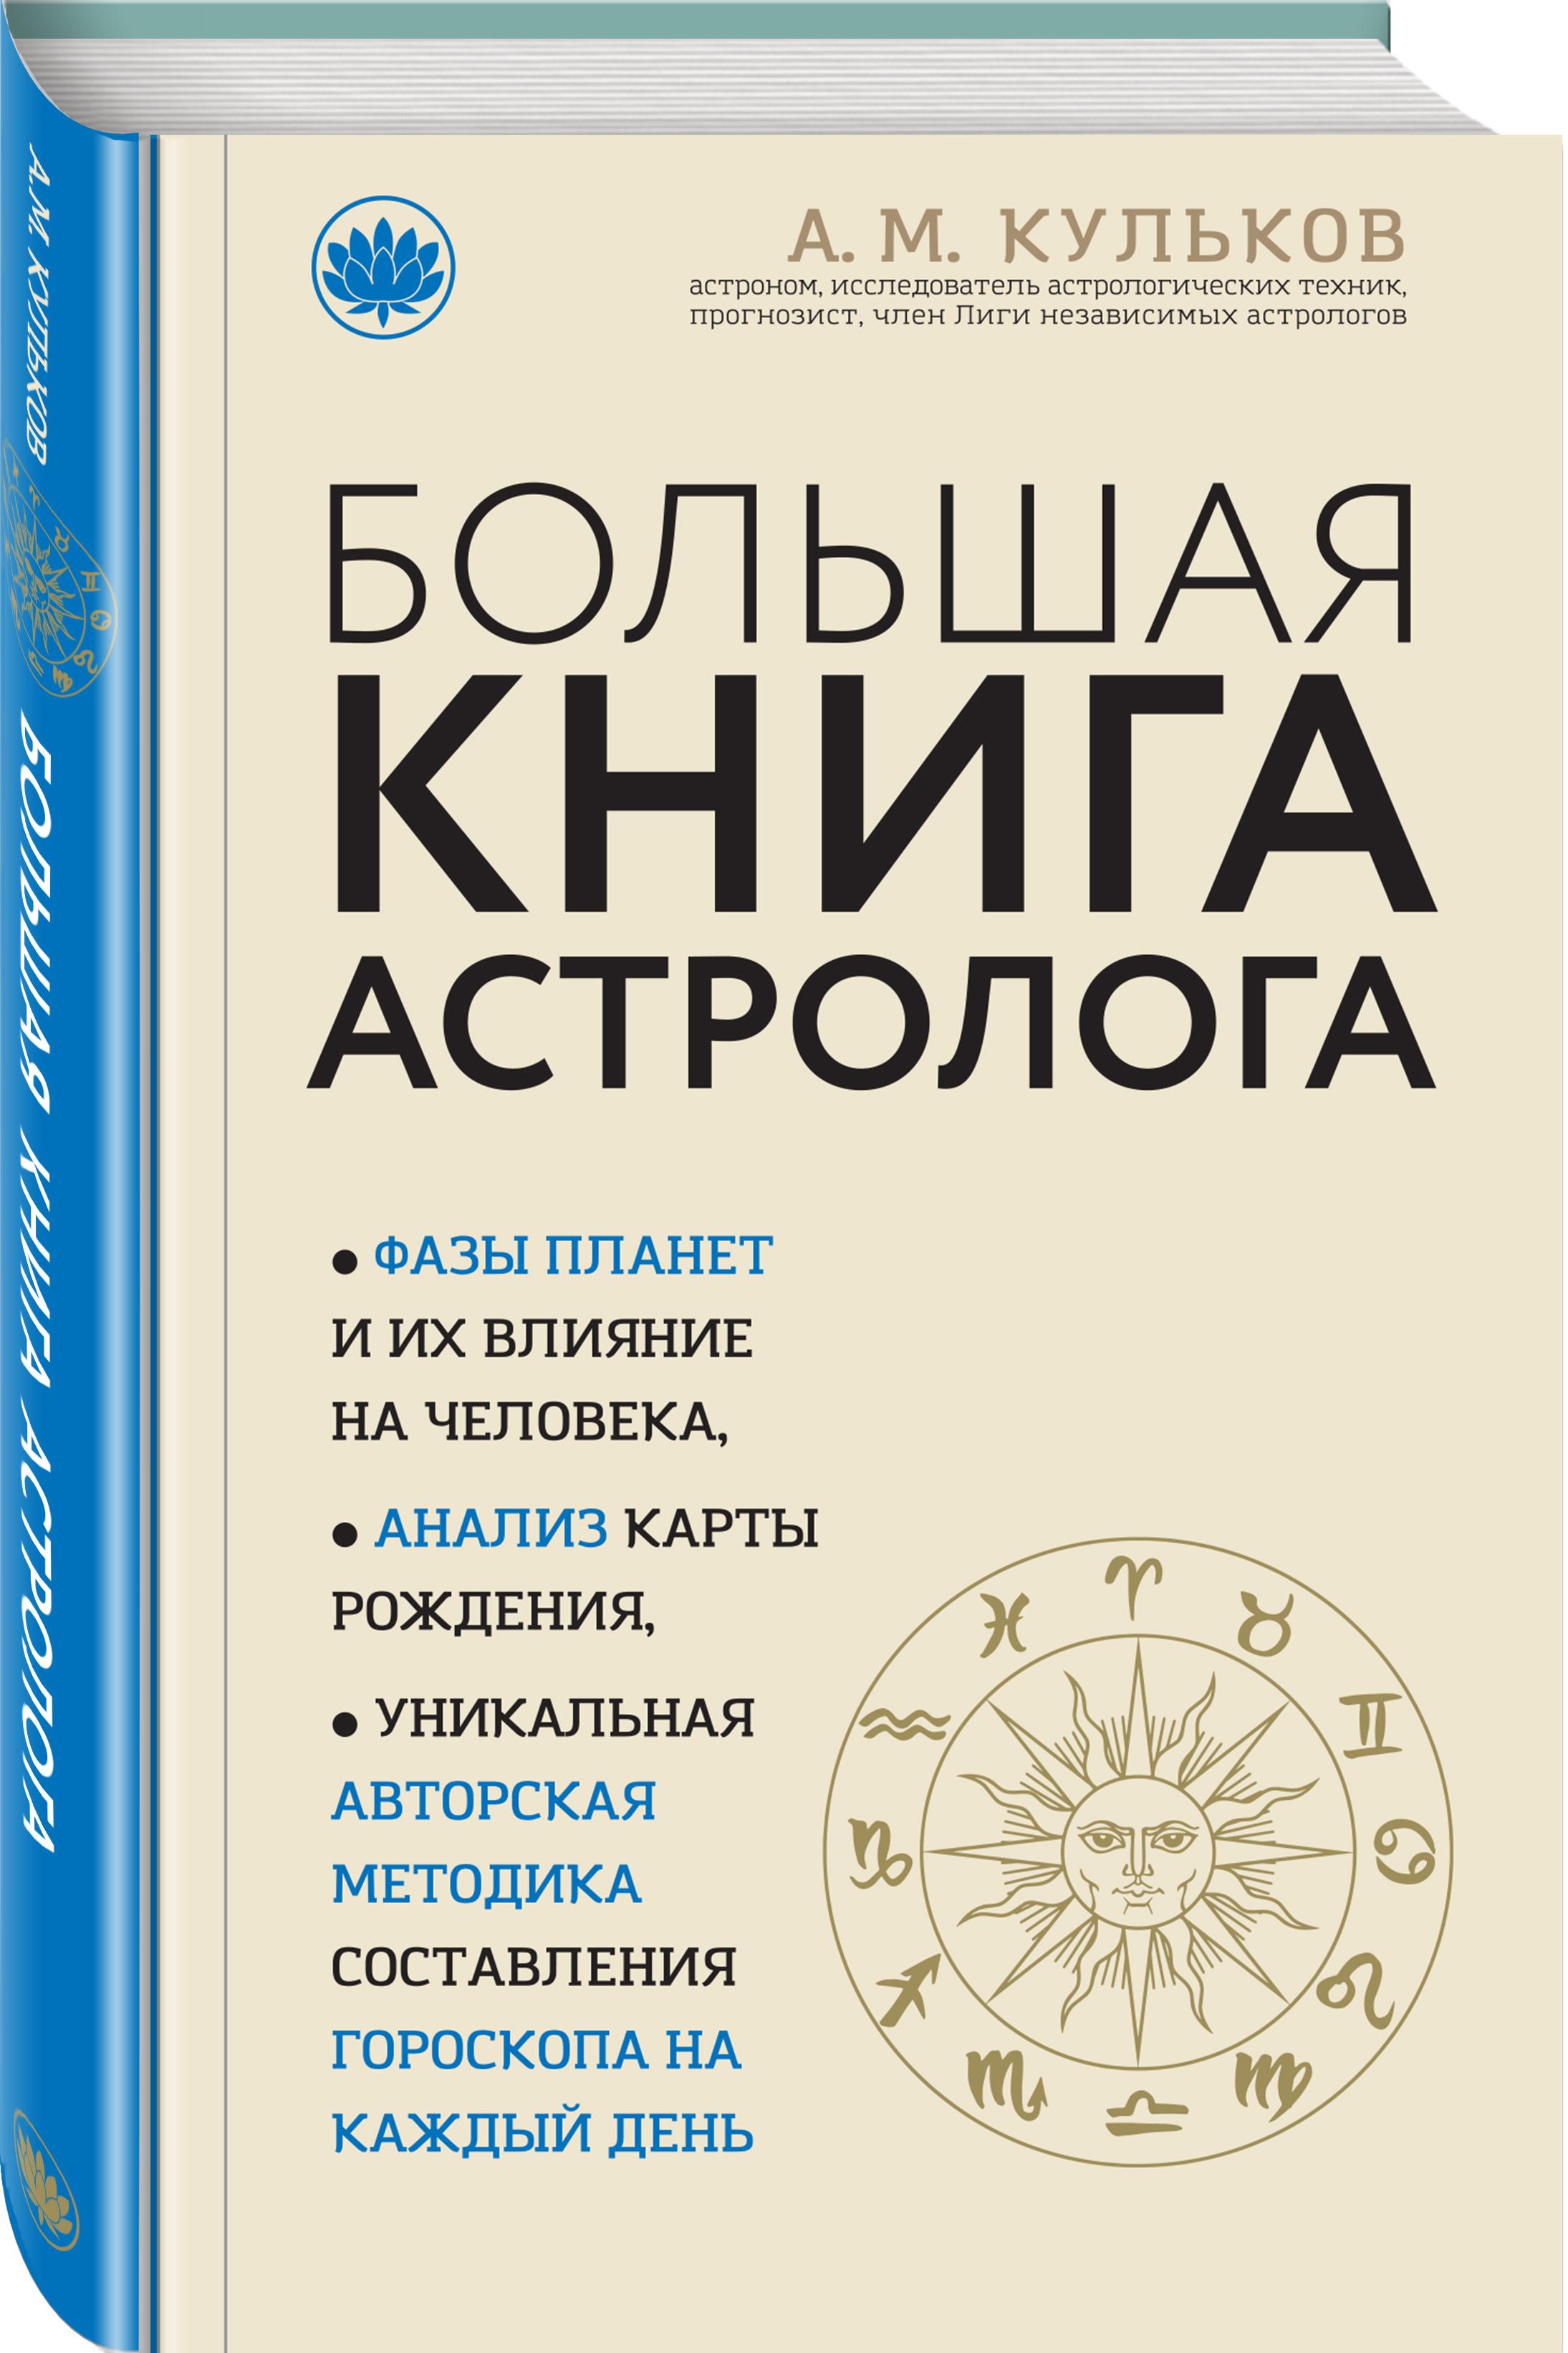 Большая книга астролога (новое оформление)